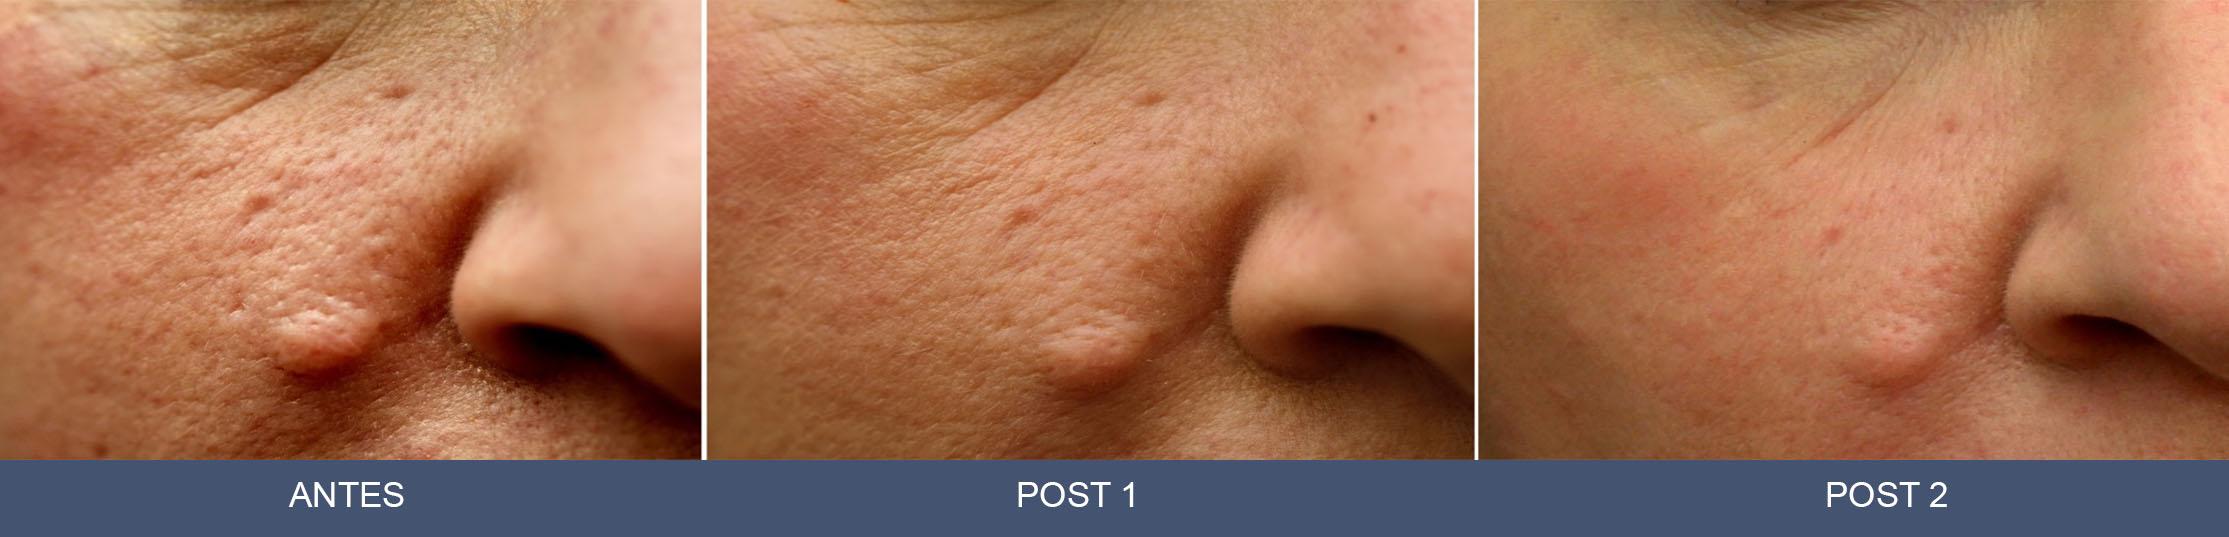 Sumamed por el acné